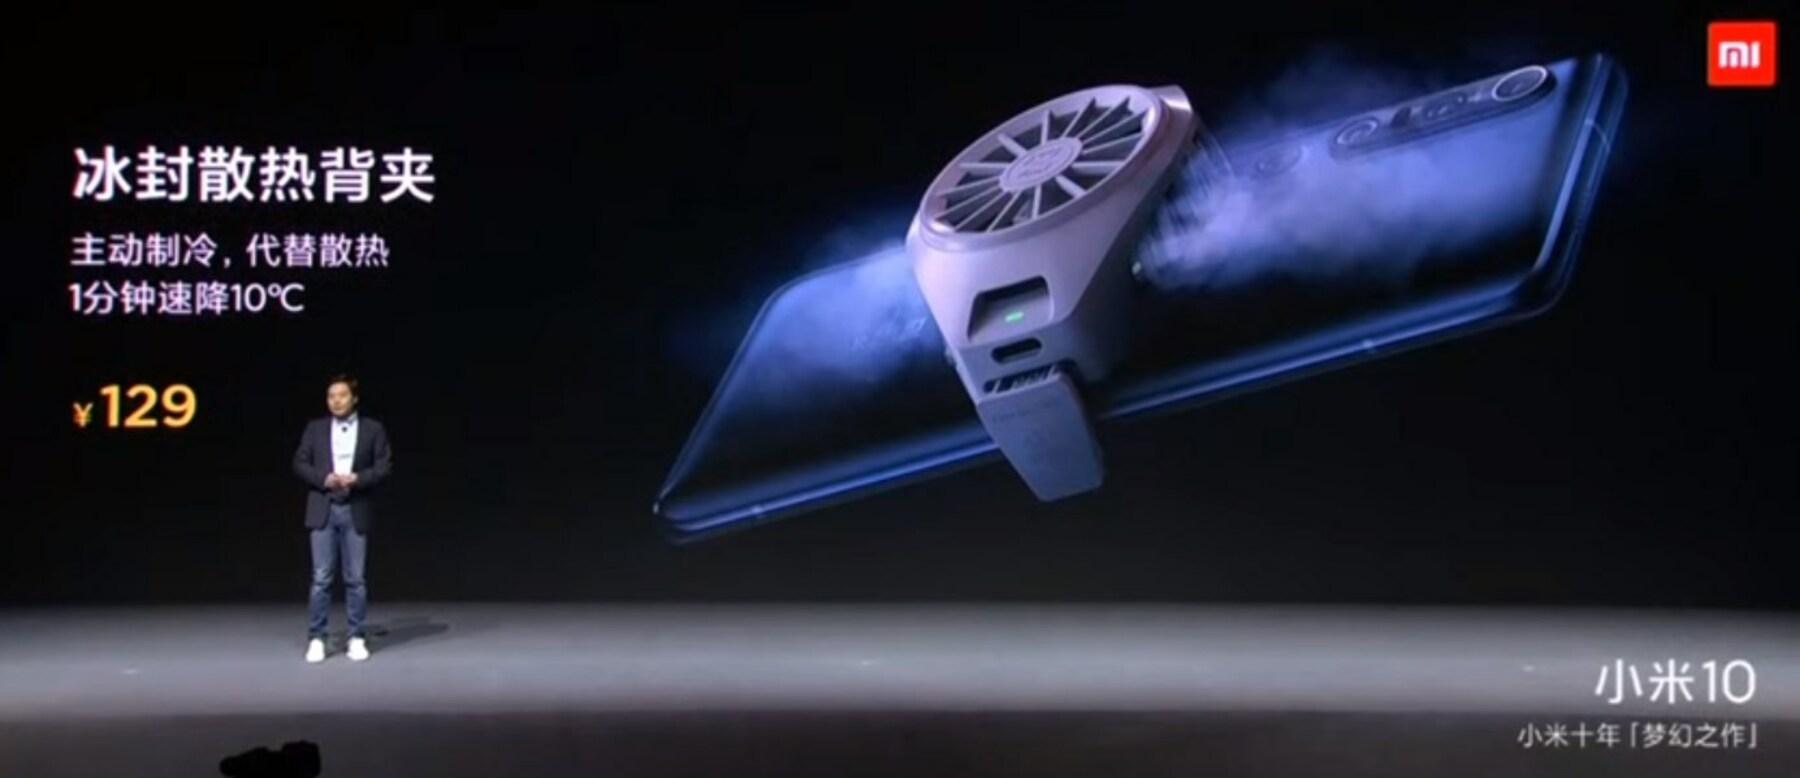 Xiaomi presenta un accesorio para evitar que se sobrecalienten nuestros móviles